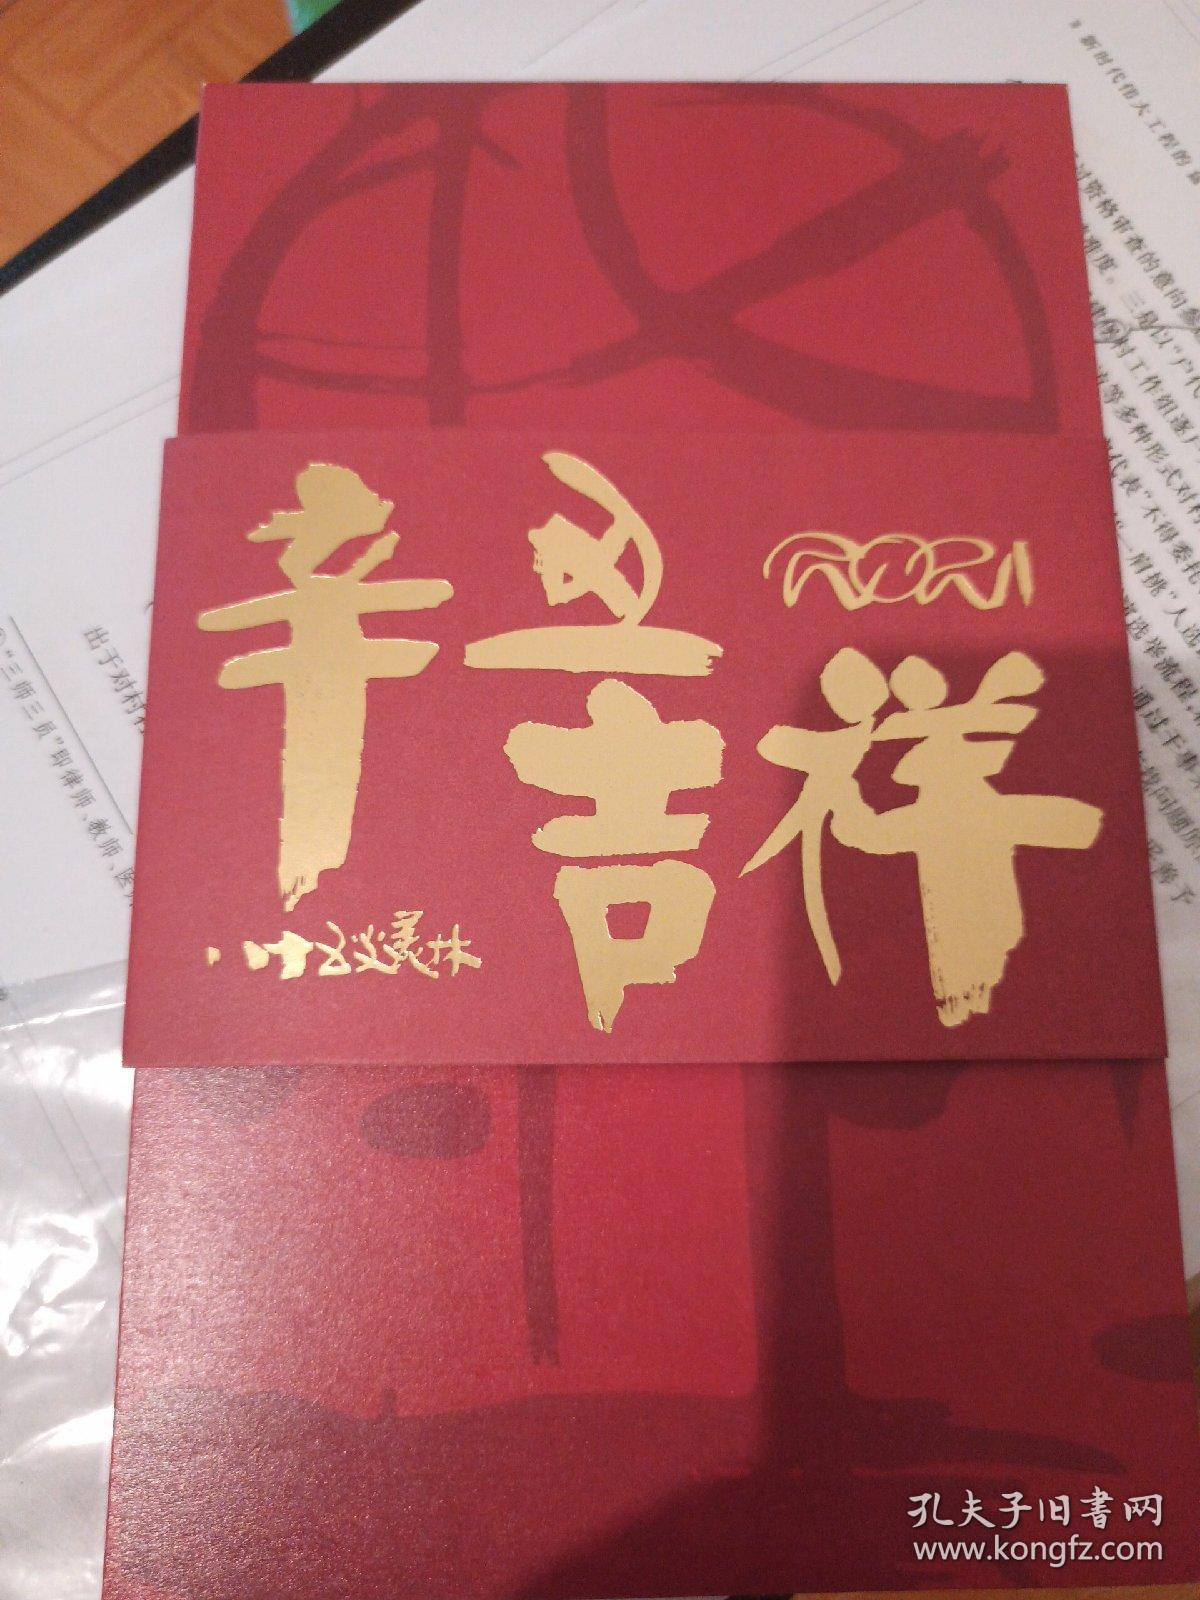 中国邮政2021年辛丑吉祥明信片